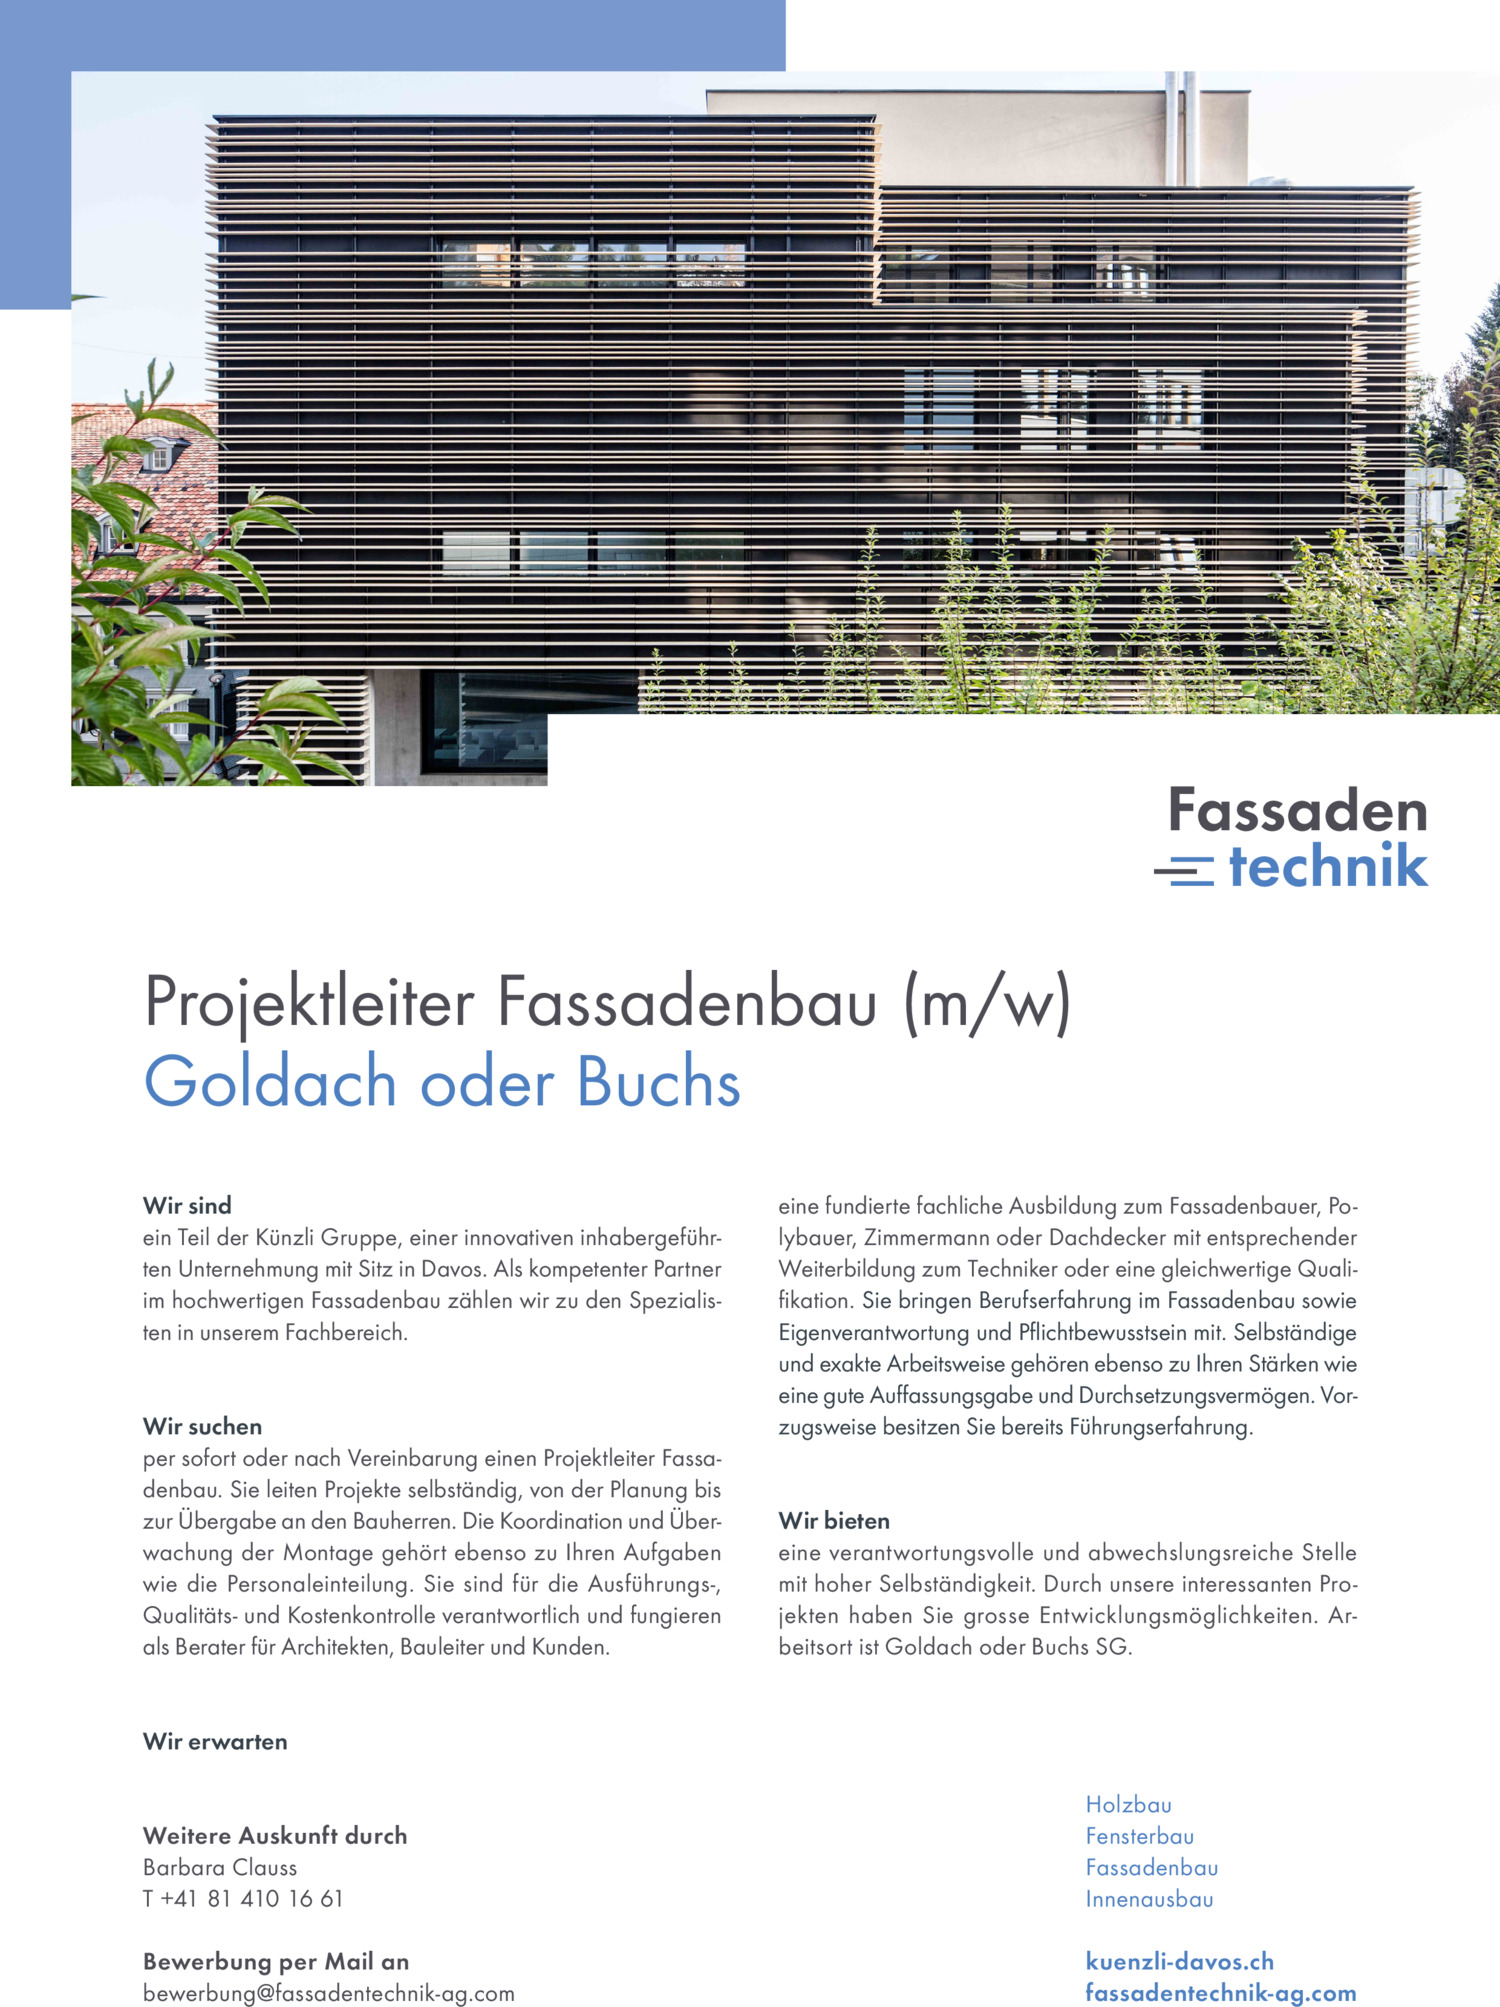 Inserat Projektleiter Fassadenbau (m/w) – Goldach oder Buchs